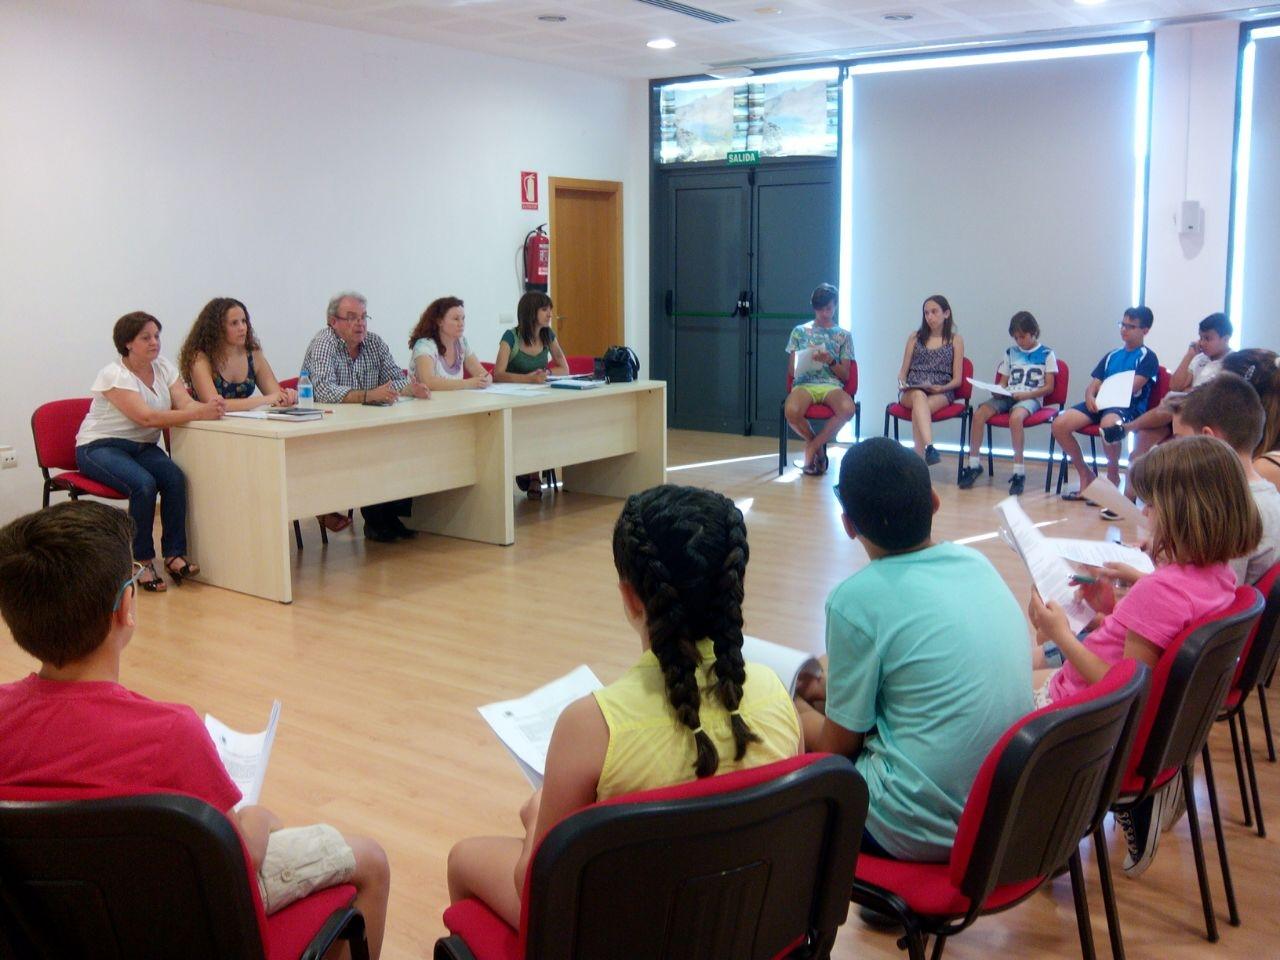 Primera sesión ordinaria anual del Consejo de Participación de la Infancia y Adolescencia de Vícar (Almería) tras las elecciones municipales